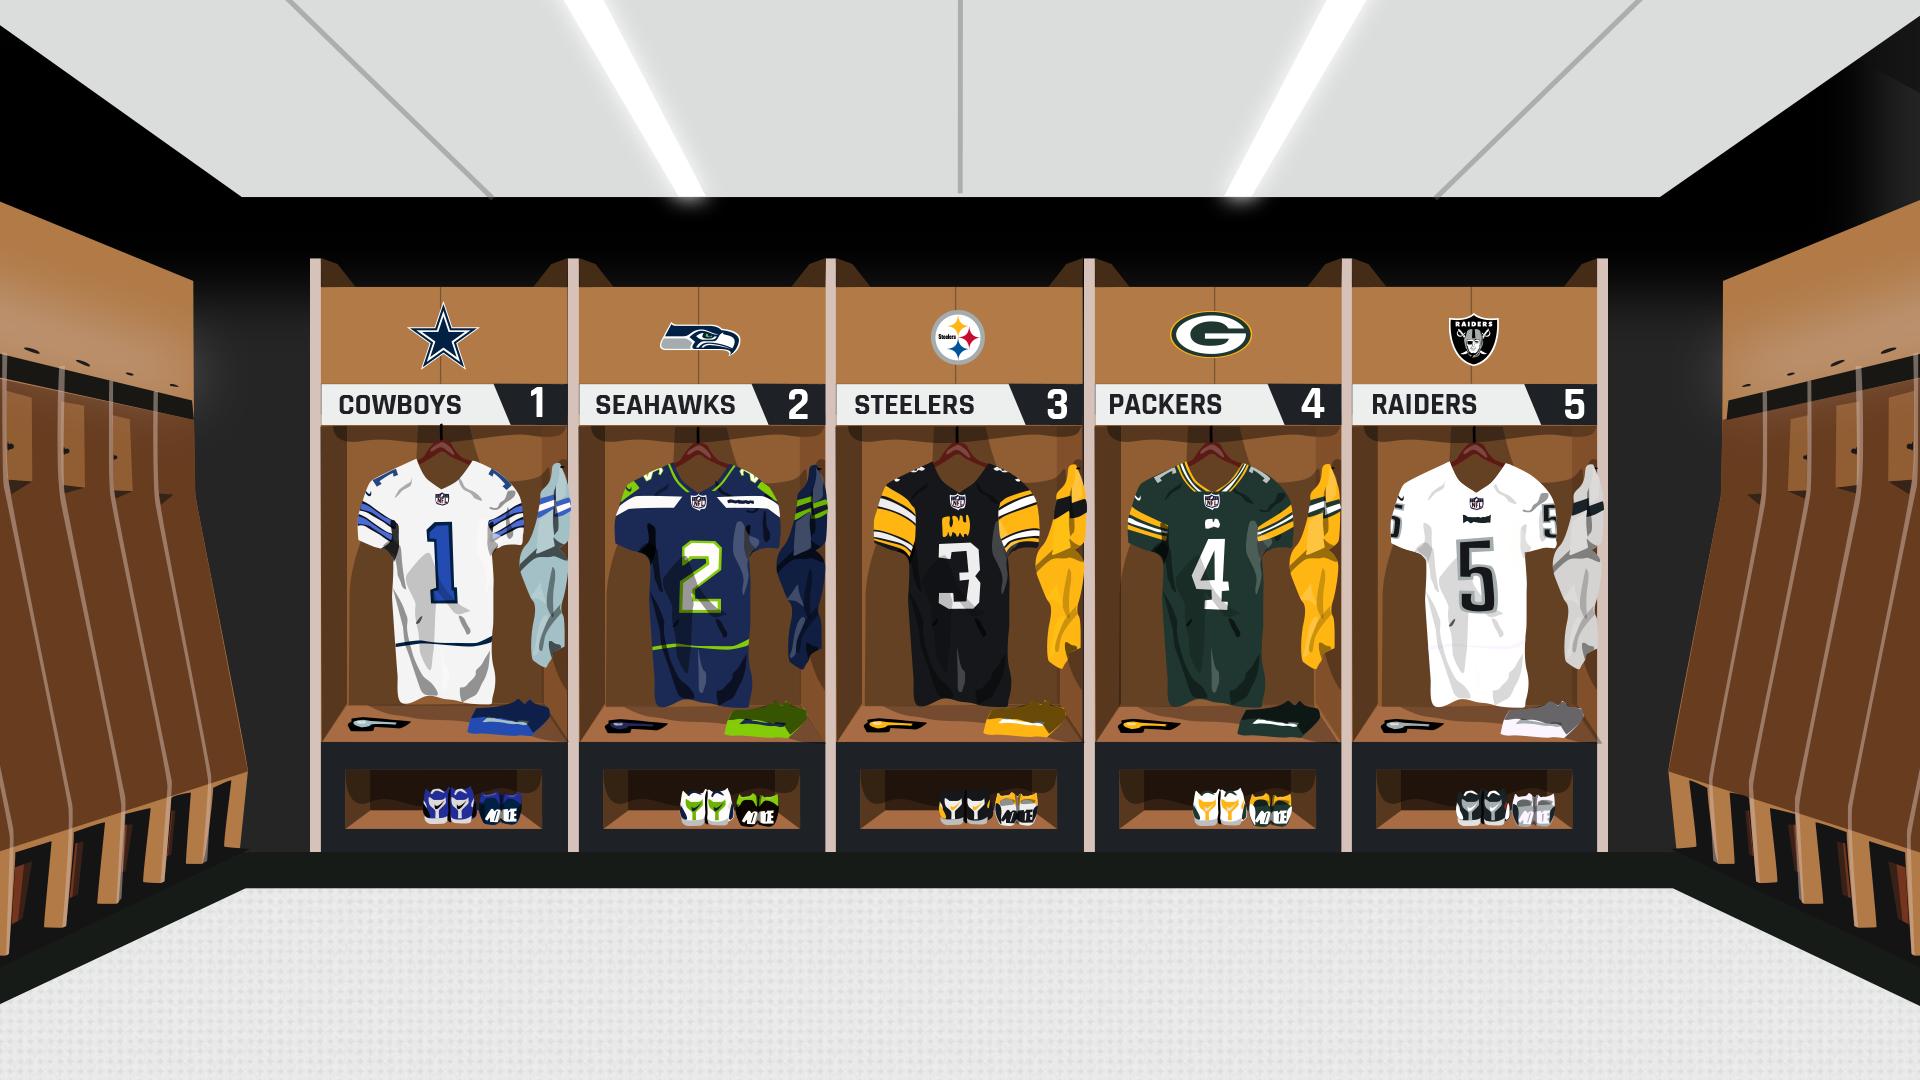 Clasificación de uniformes de la NFL: los Buccaneers suben, los Falcons caen con nuevas miradas para 2020 57